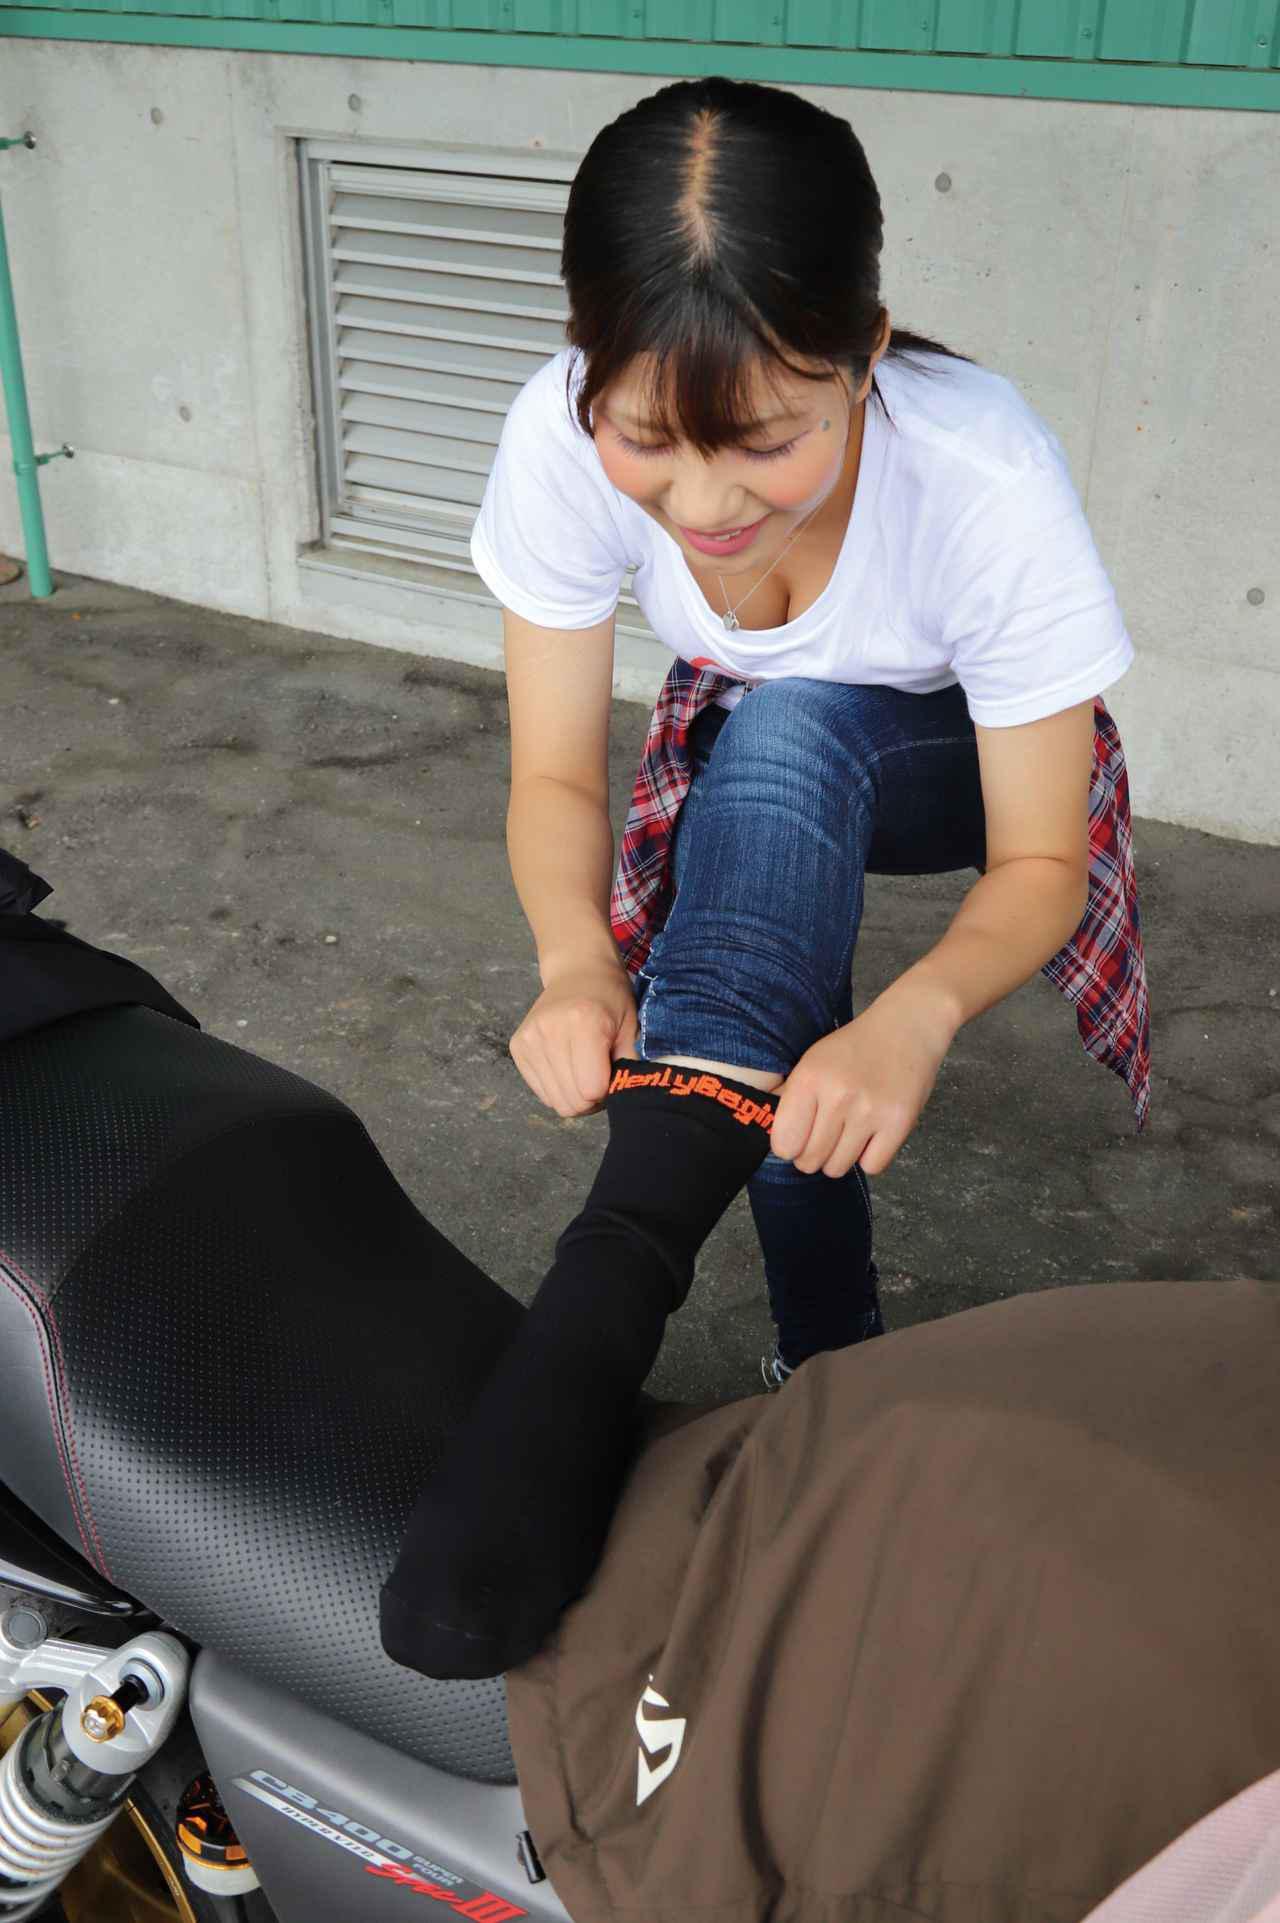 画像: 「防水ツーリングソックス」を履いていれば、ツーリング時のブーツやシューズは自由に選べる! - webオートバイ